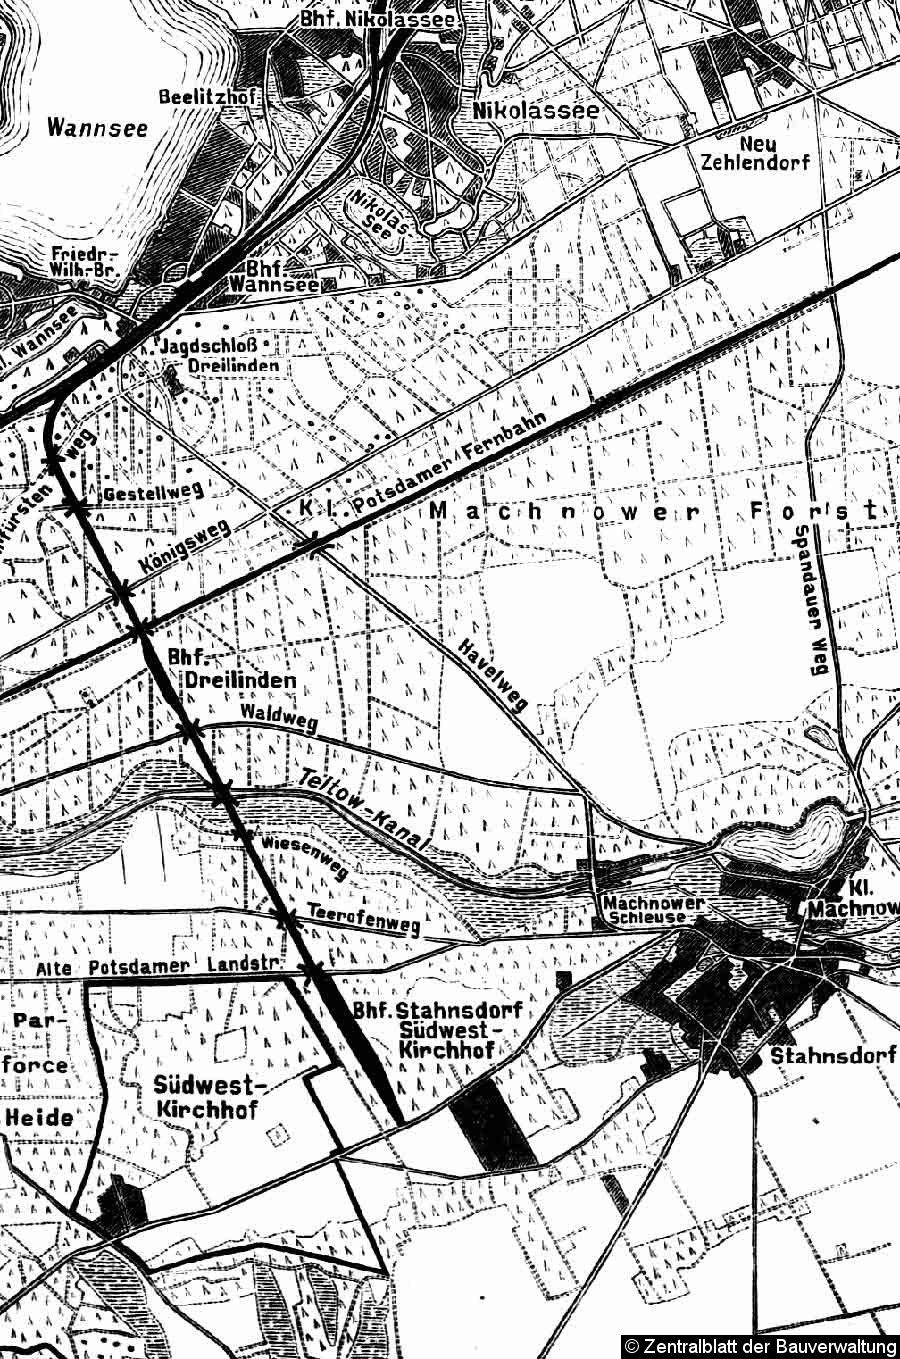 Bild: Übersichtsplan der Friedhofsbahn